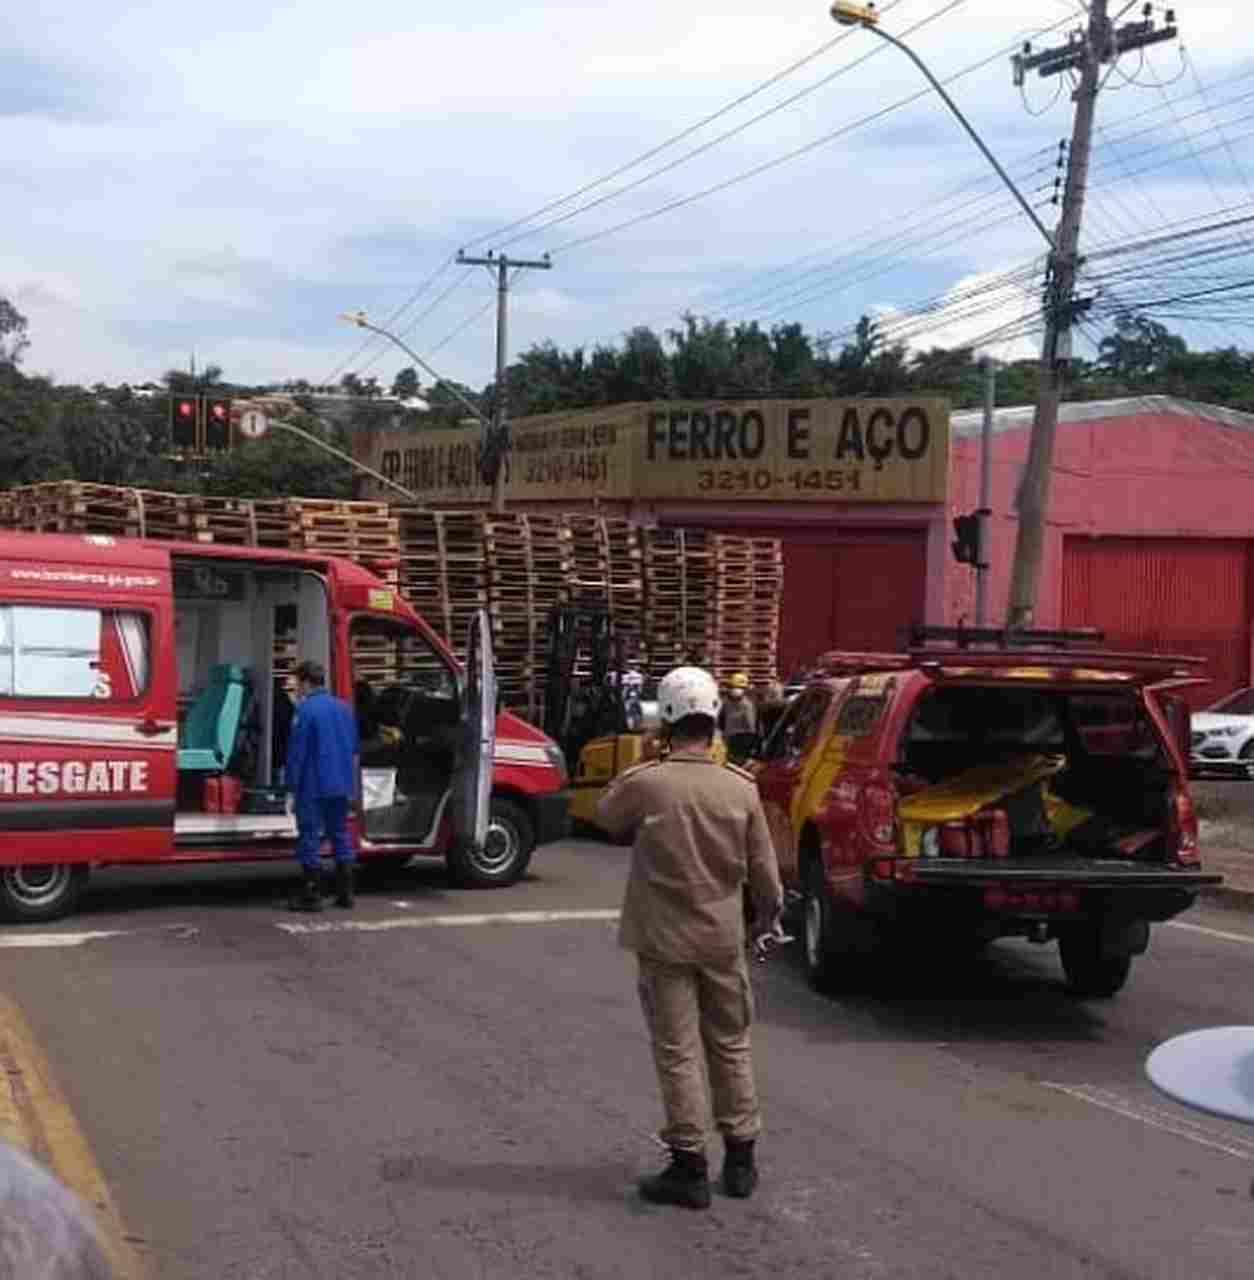 Equipe dos Bombeiros foi acionada para socorrer o motociclista preso ao caminhão | Foto: reprodução